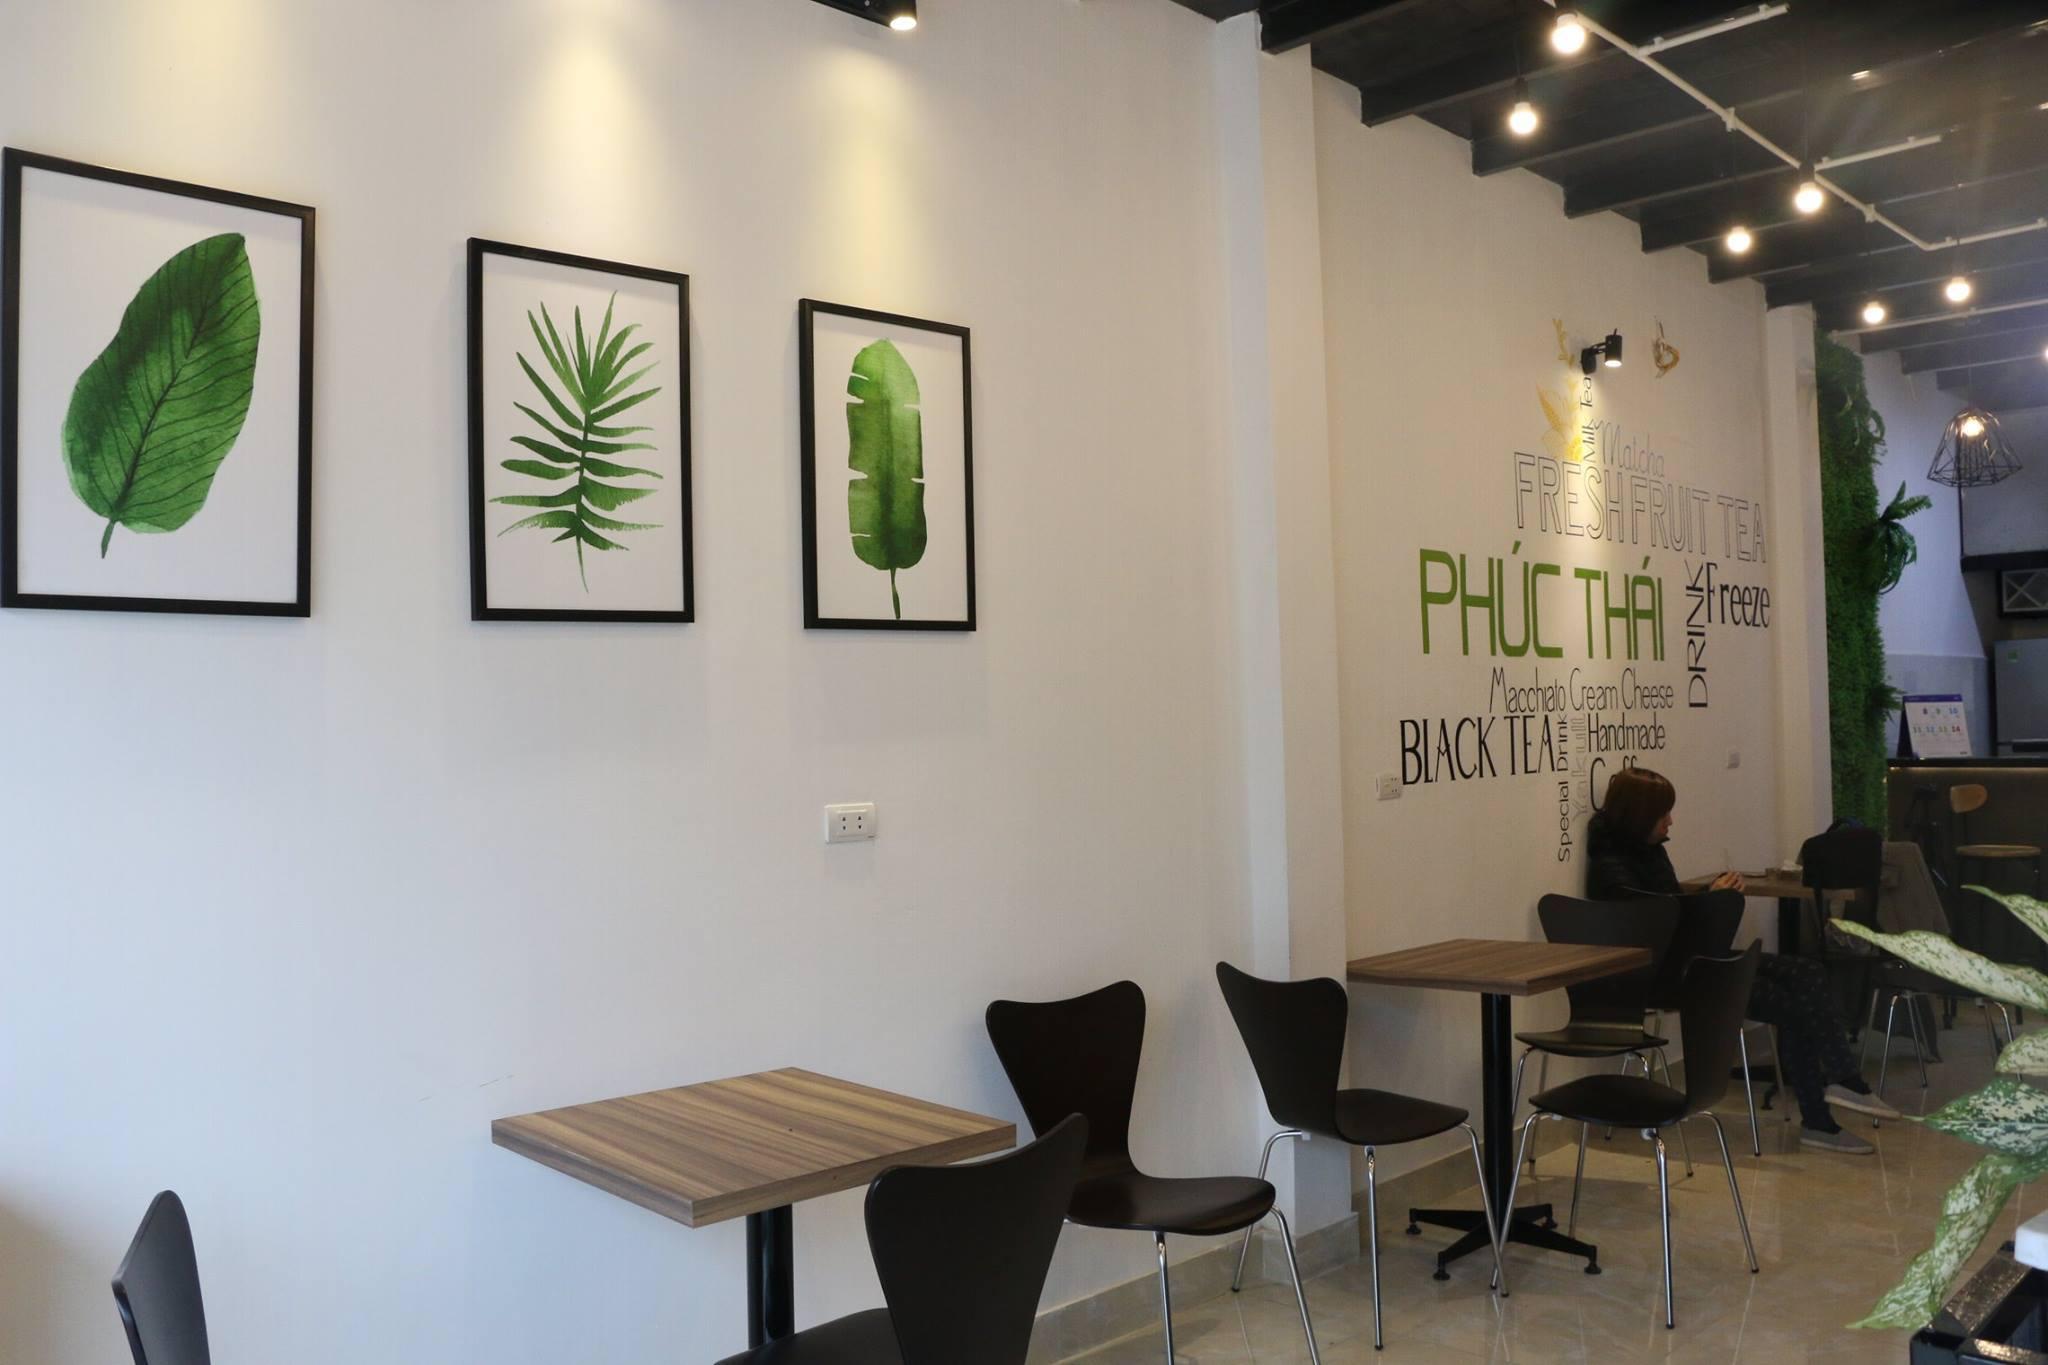 tranh trang trí tường quán cafe đẹp